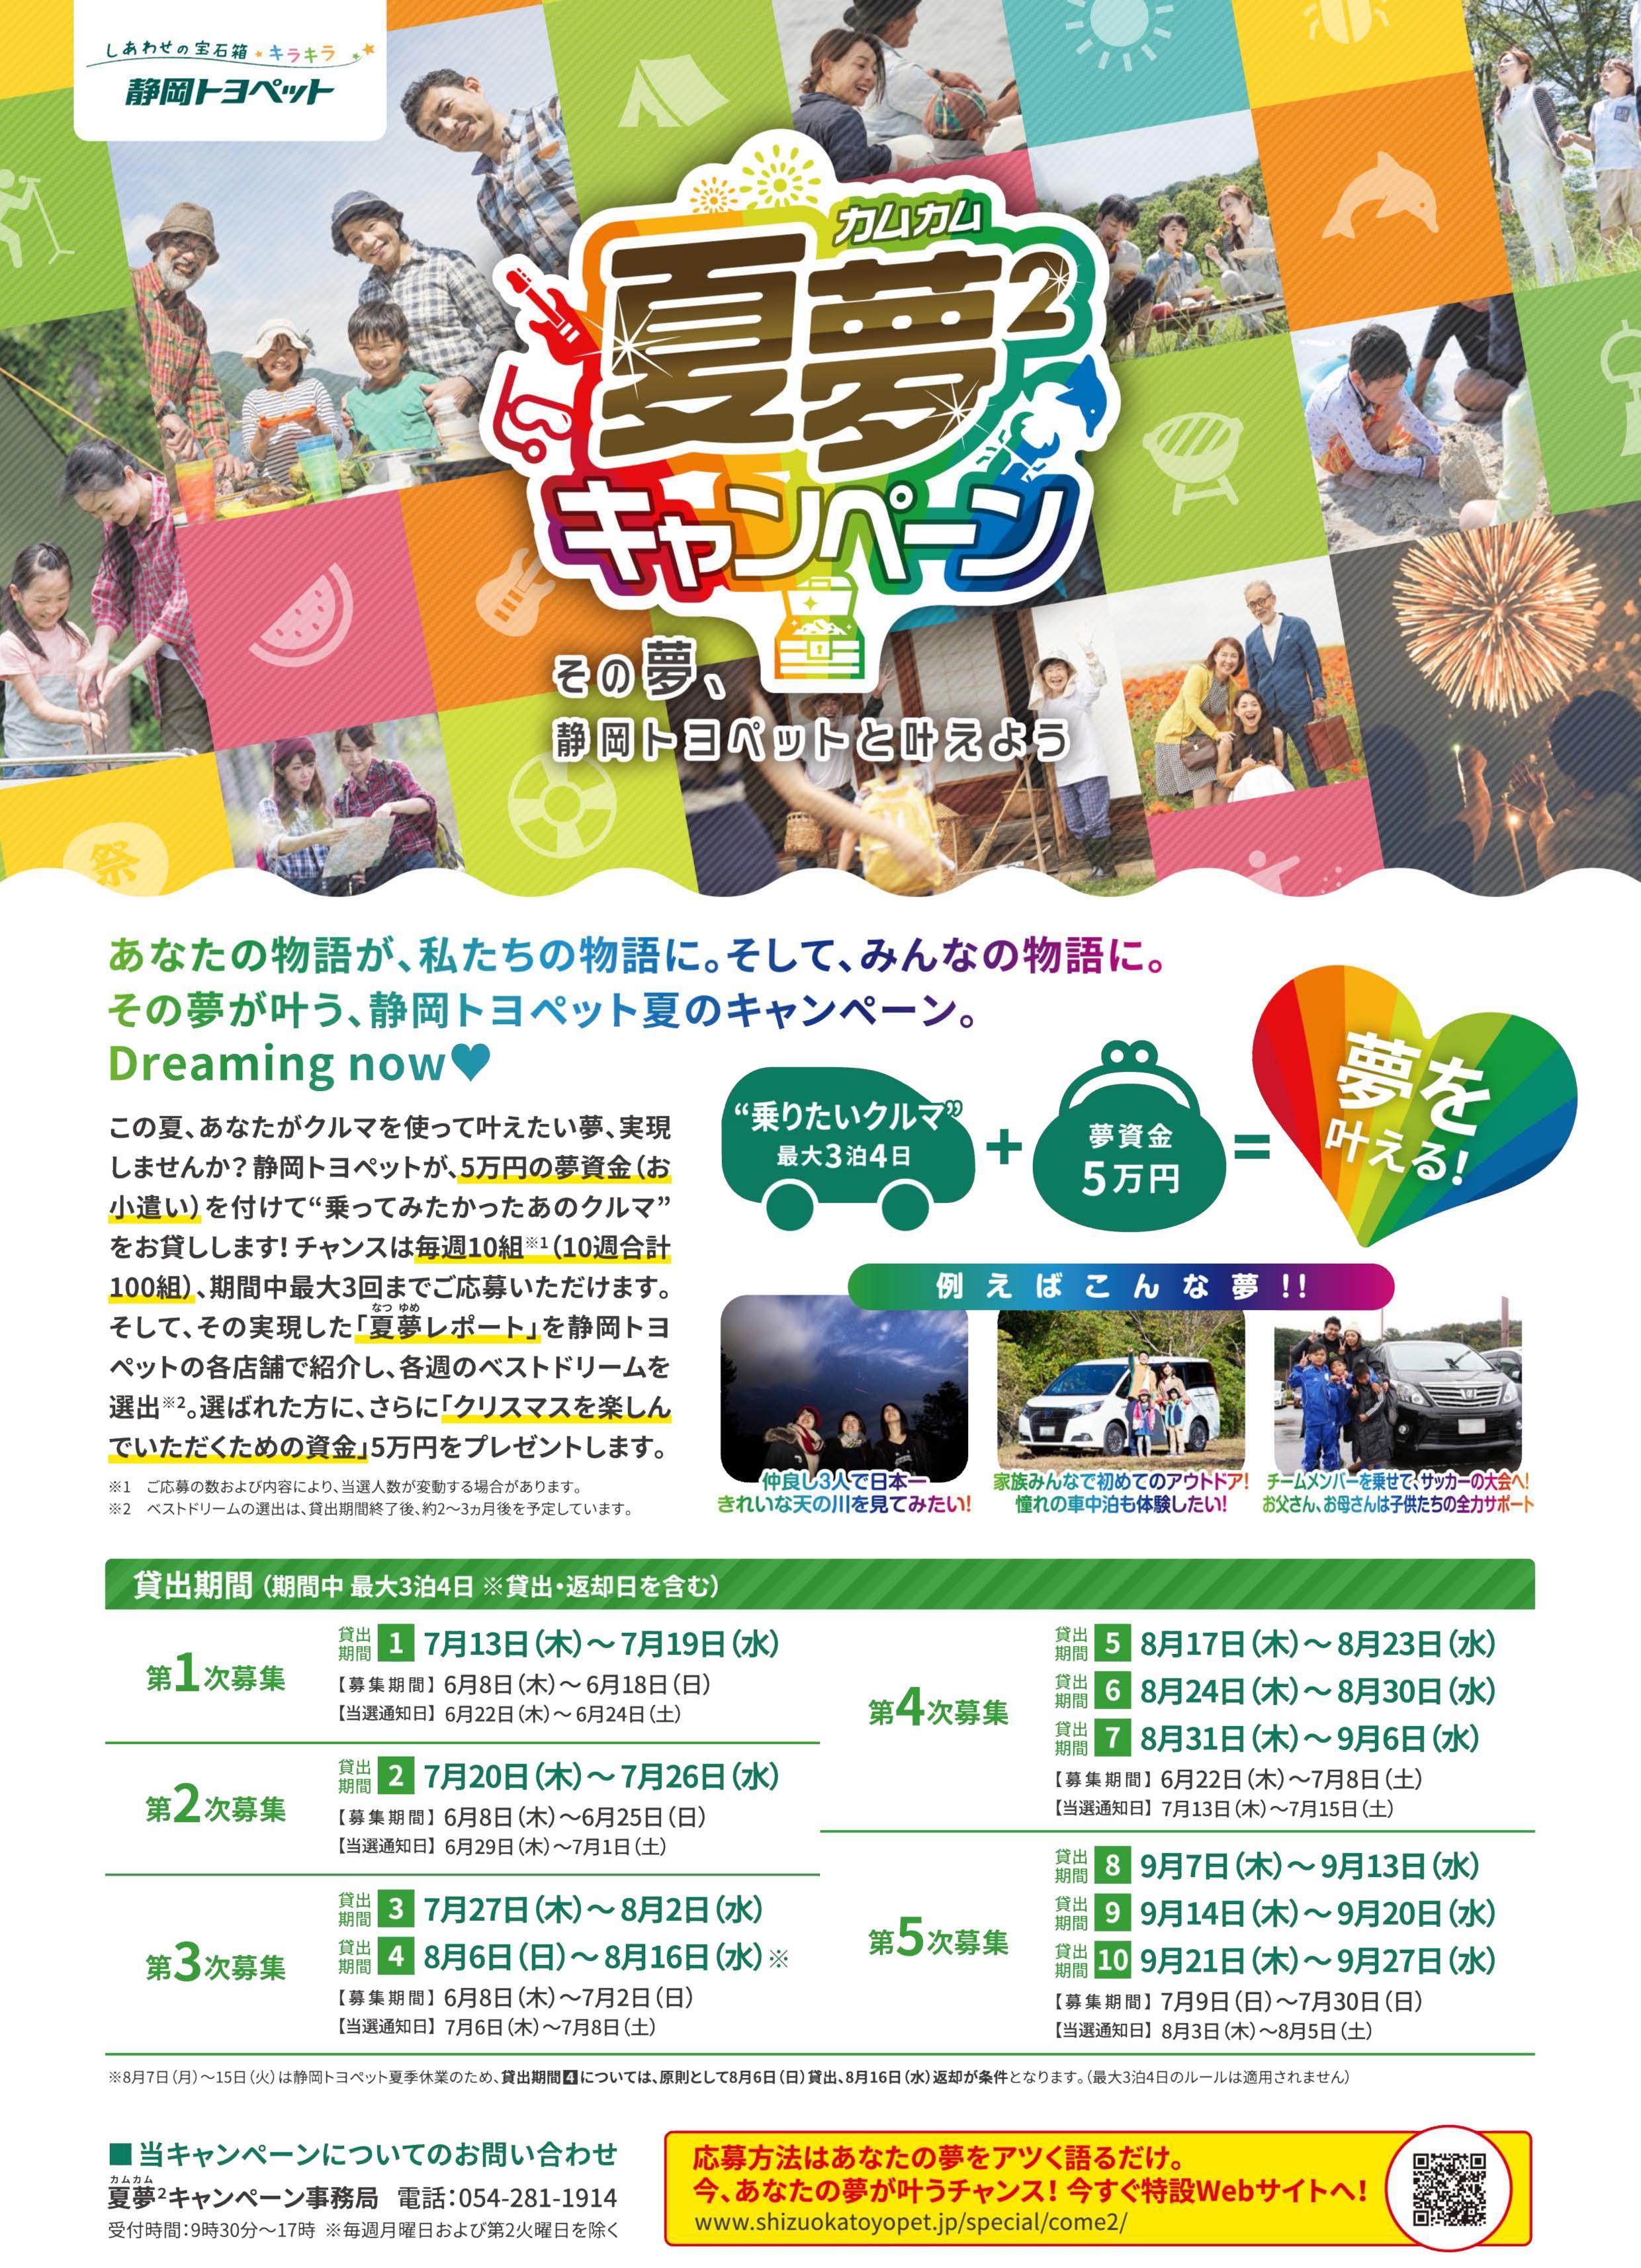 夢資金( お小遣い )が当たる?!夏夢²(カムカム)キャンペーン!